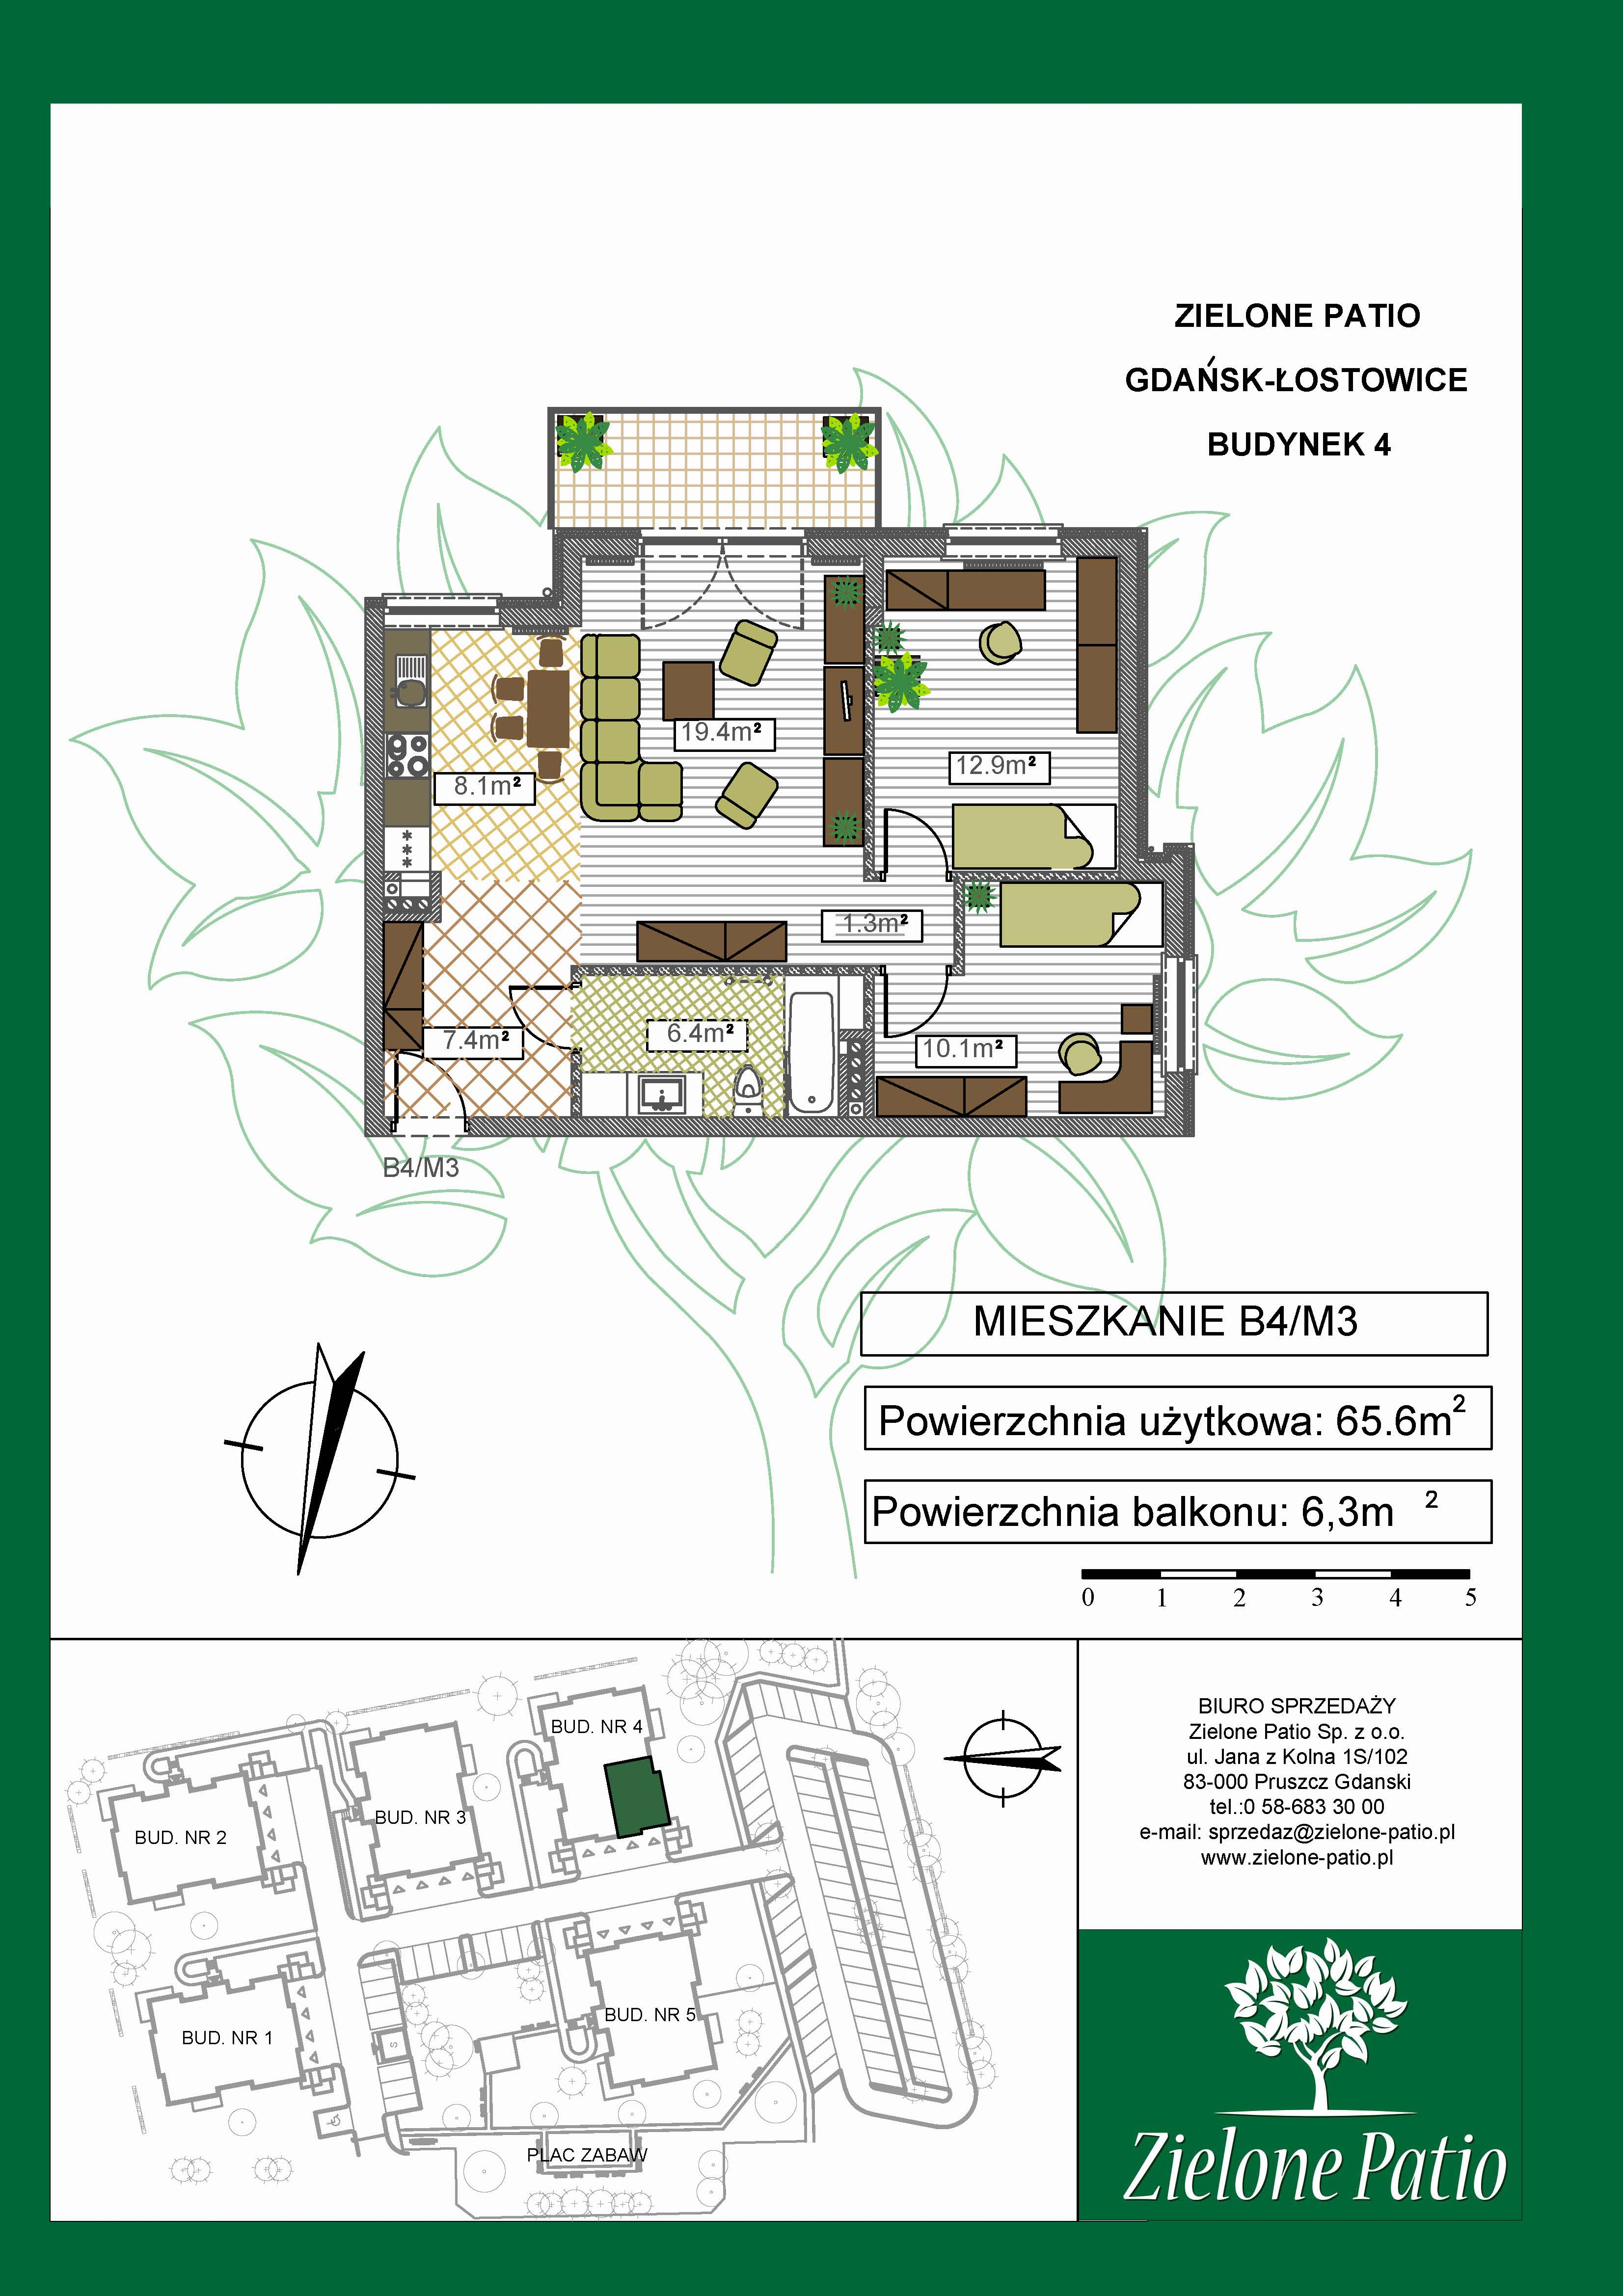 Plan M3 Zielone Patio, Budynek nr 4